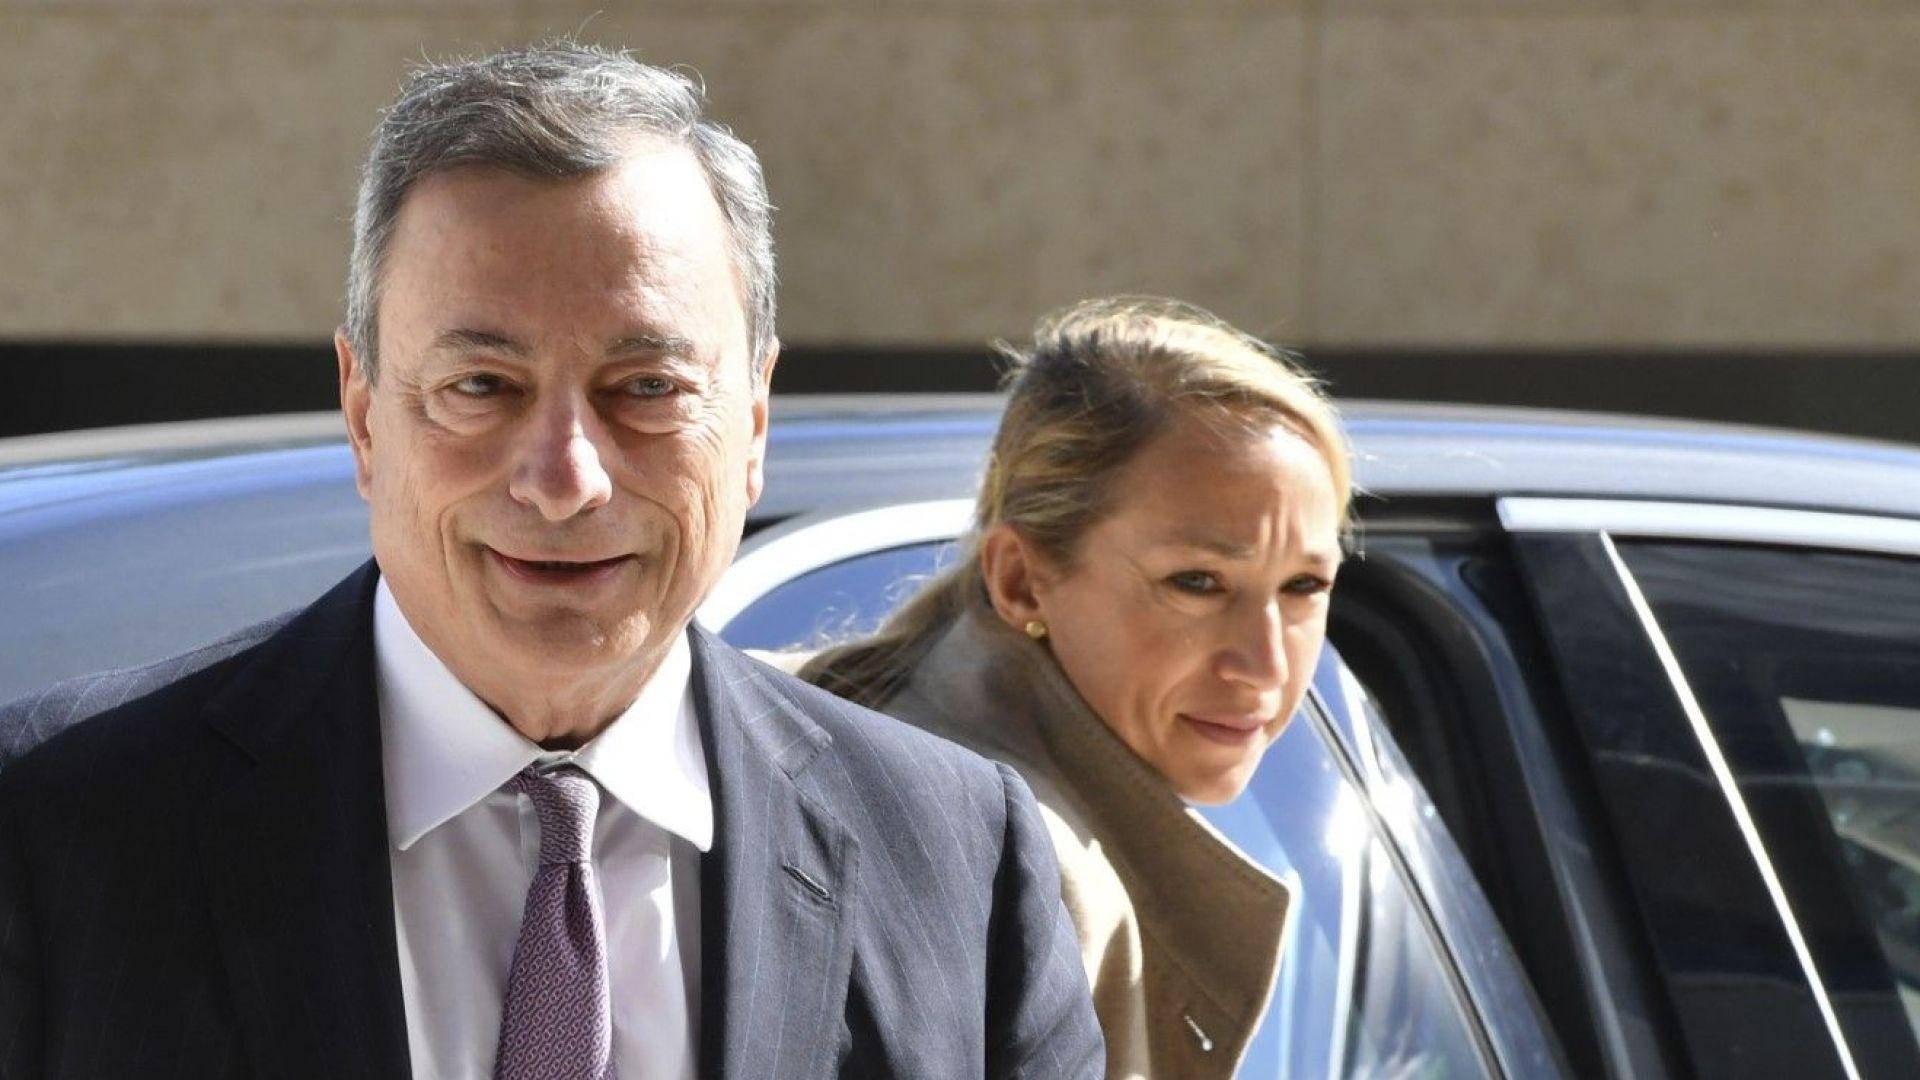 Драги: Италианският кабинет да не говори за излизане от еврозоната